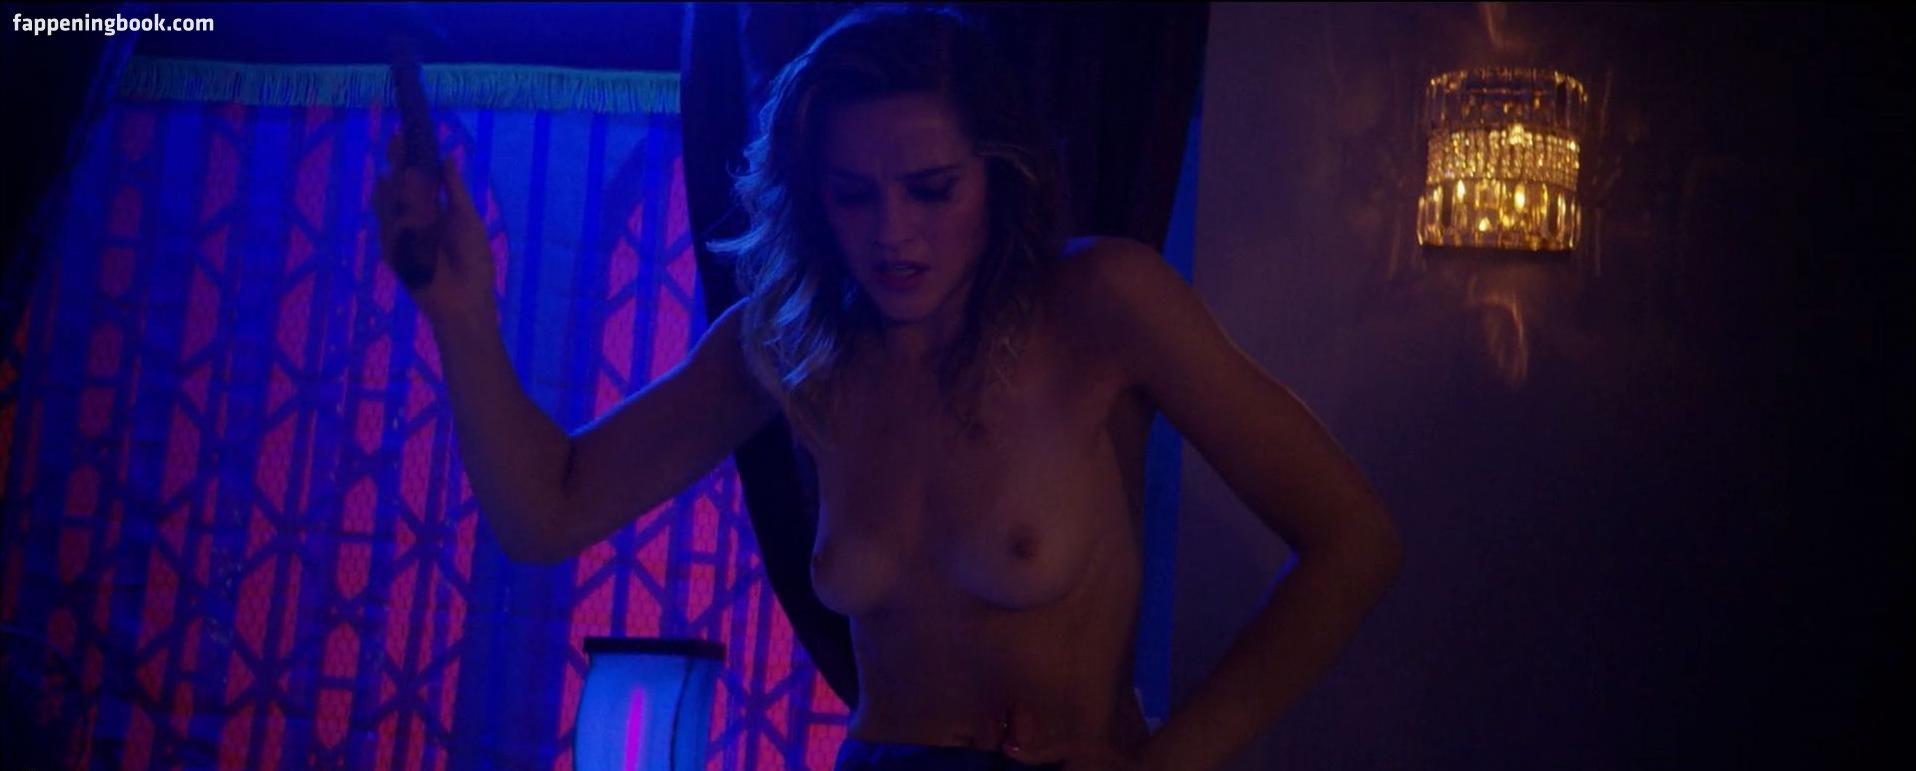 Julia nackt Schwarz Nude video